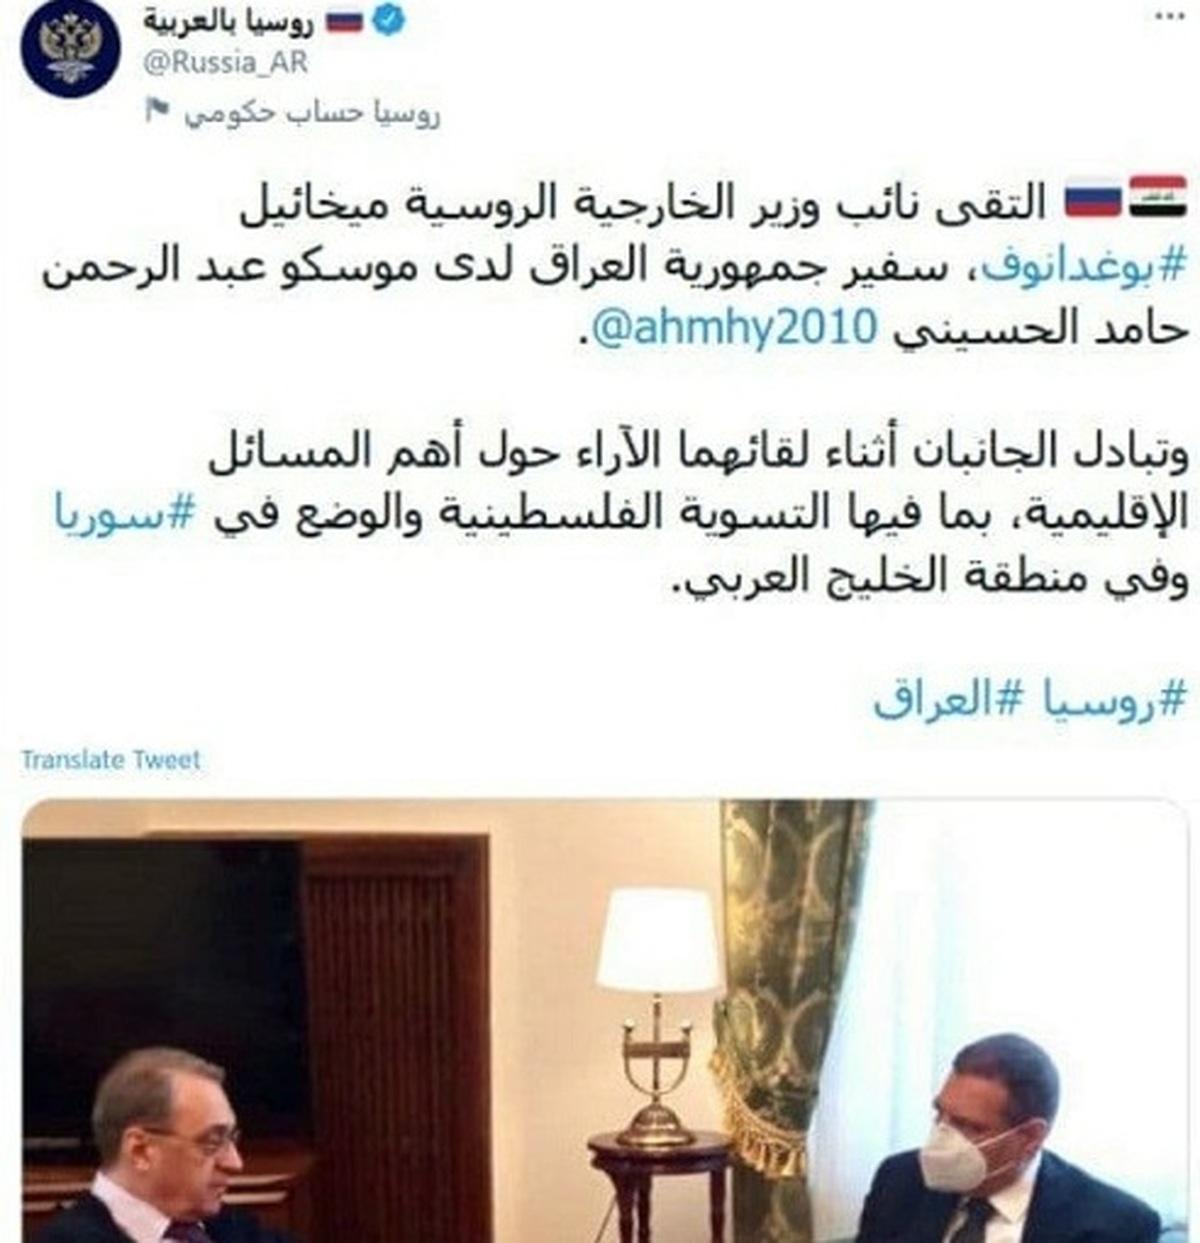 نام خلیج فارس جعل شد| وزارت خارجه روسیه نام خلیج فارس را جعلی کرد.